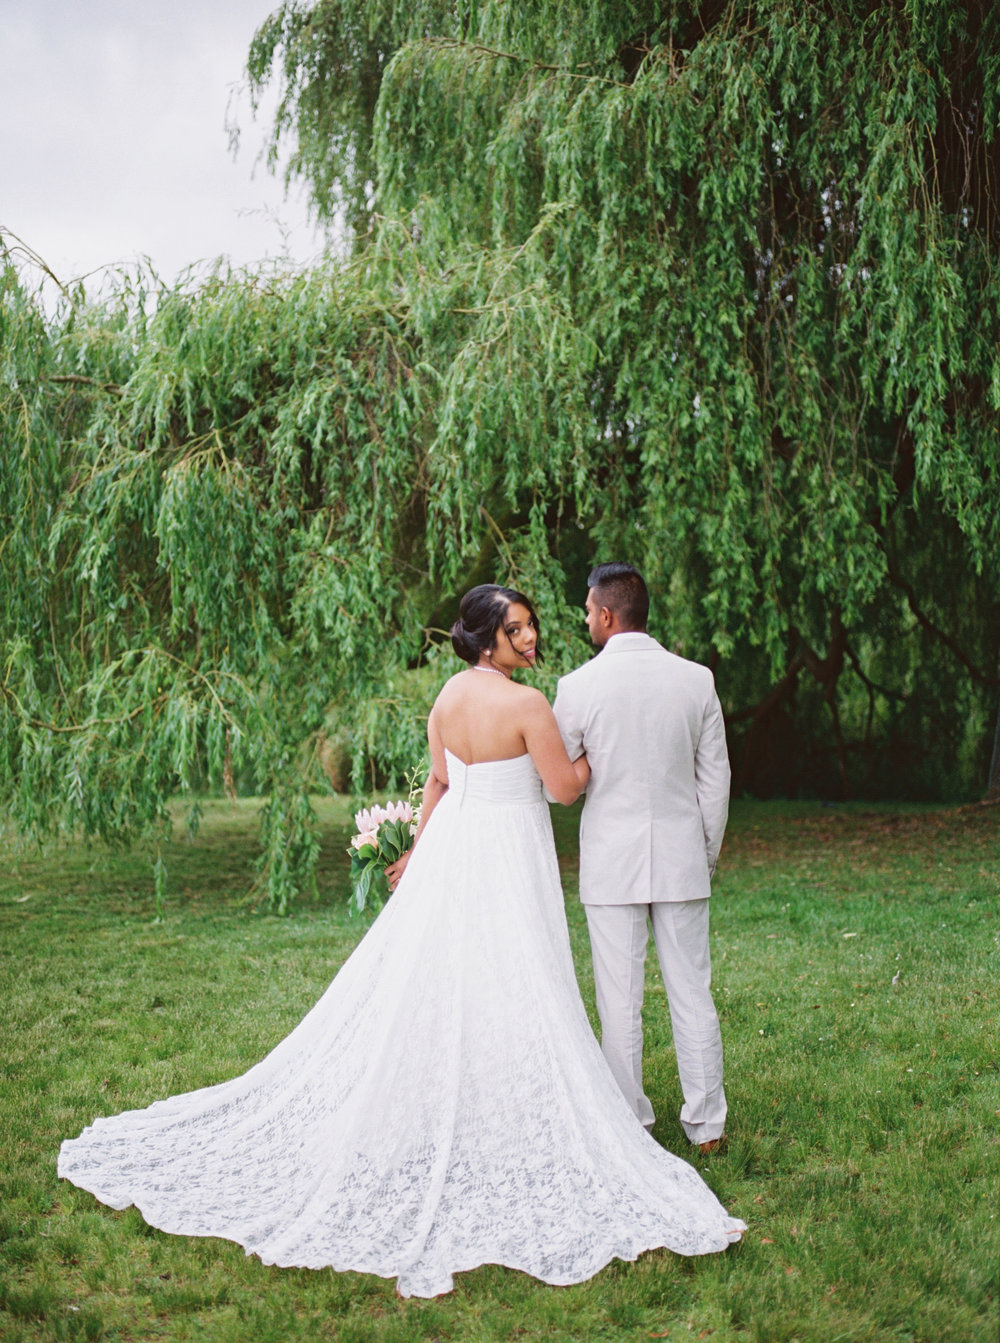 Shalene&Roneel_Wedding_JenzelVeloPhotography168.jpg